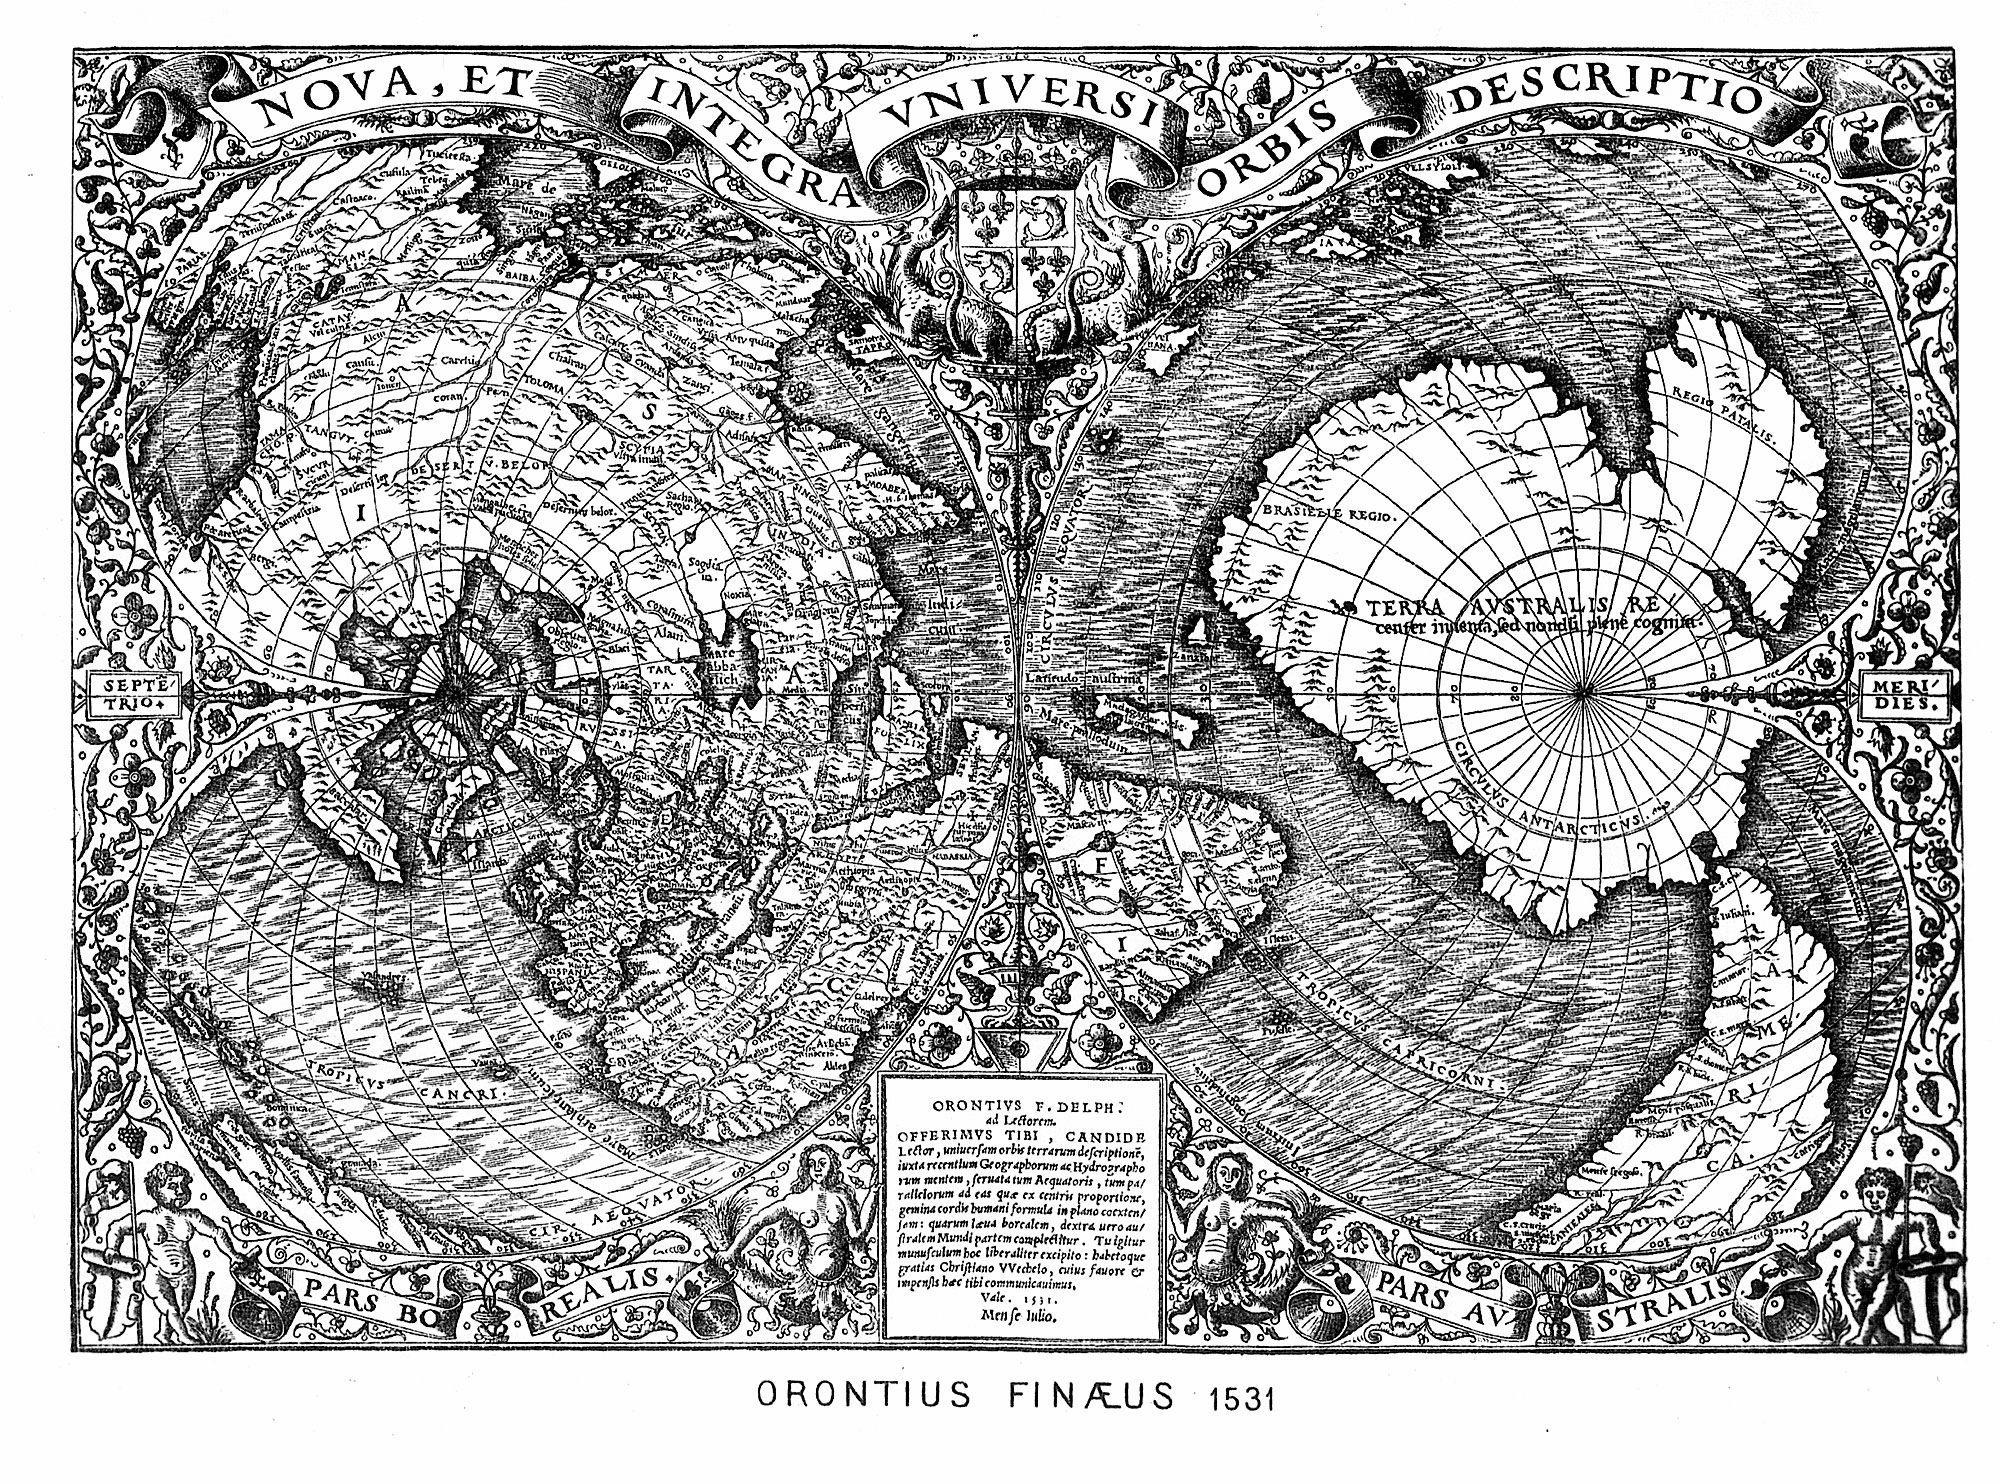 9000 ans avant J.C. une comète chute sur la Terre. Oronce_Fine_1531